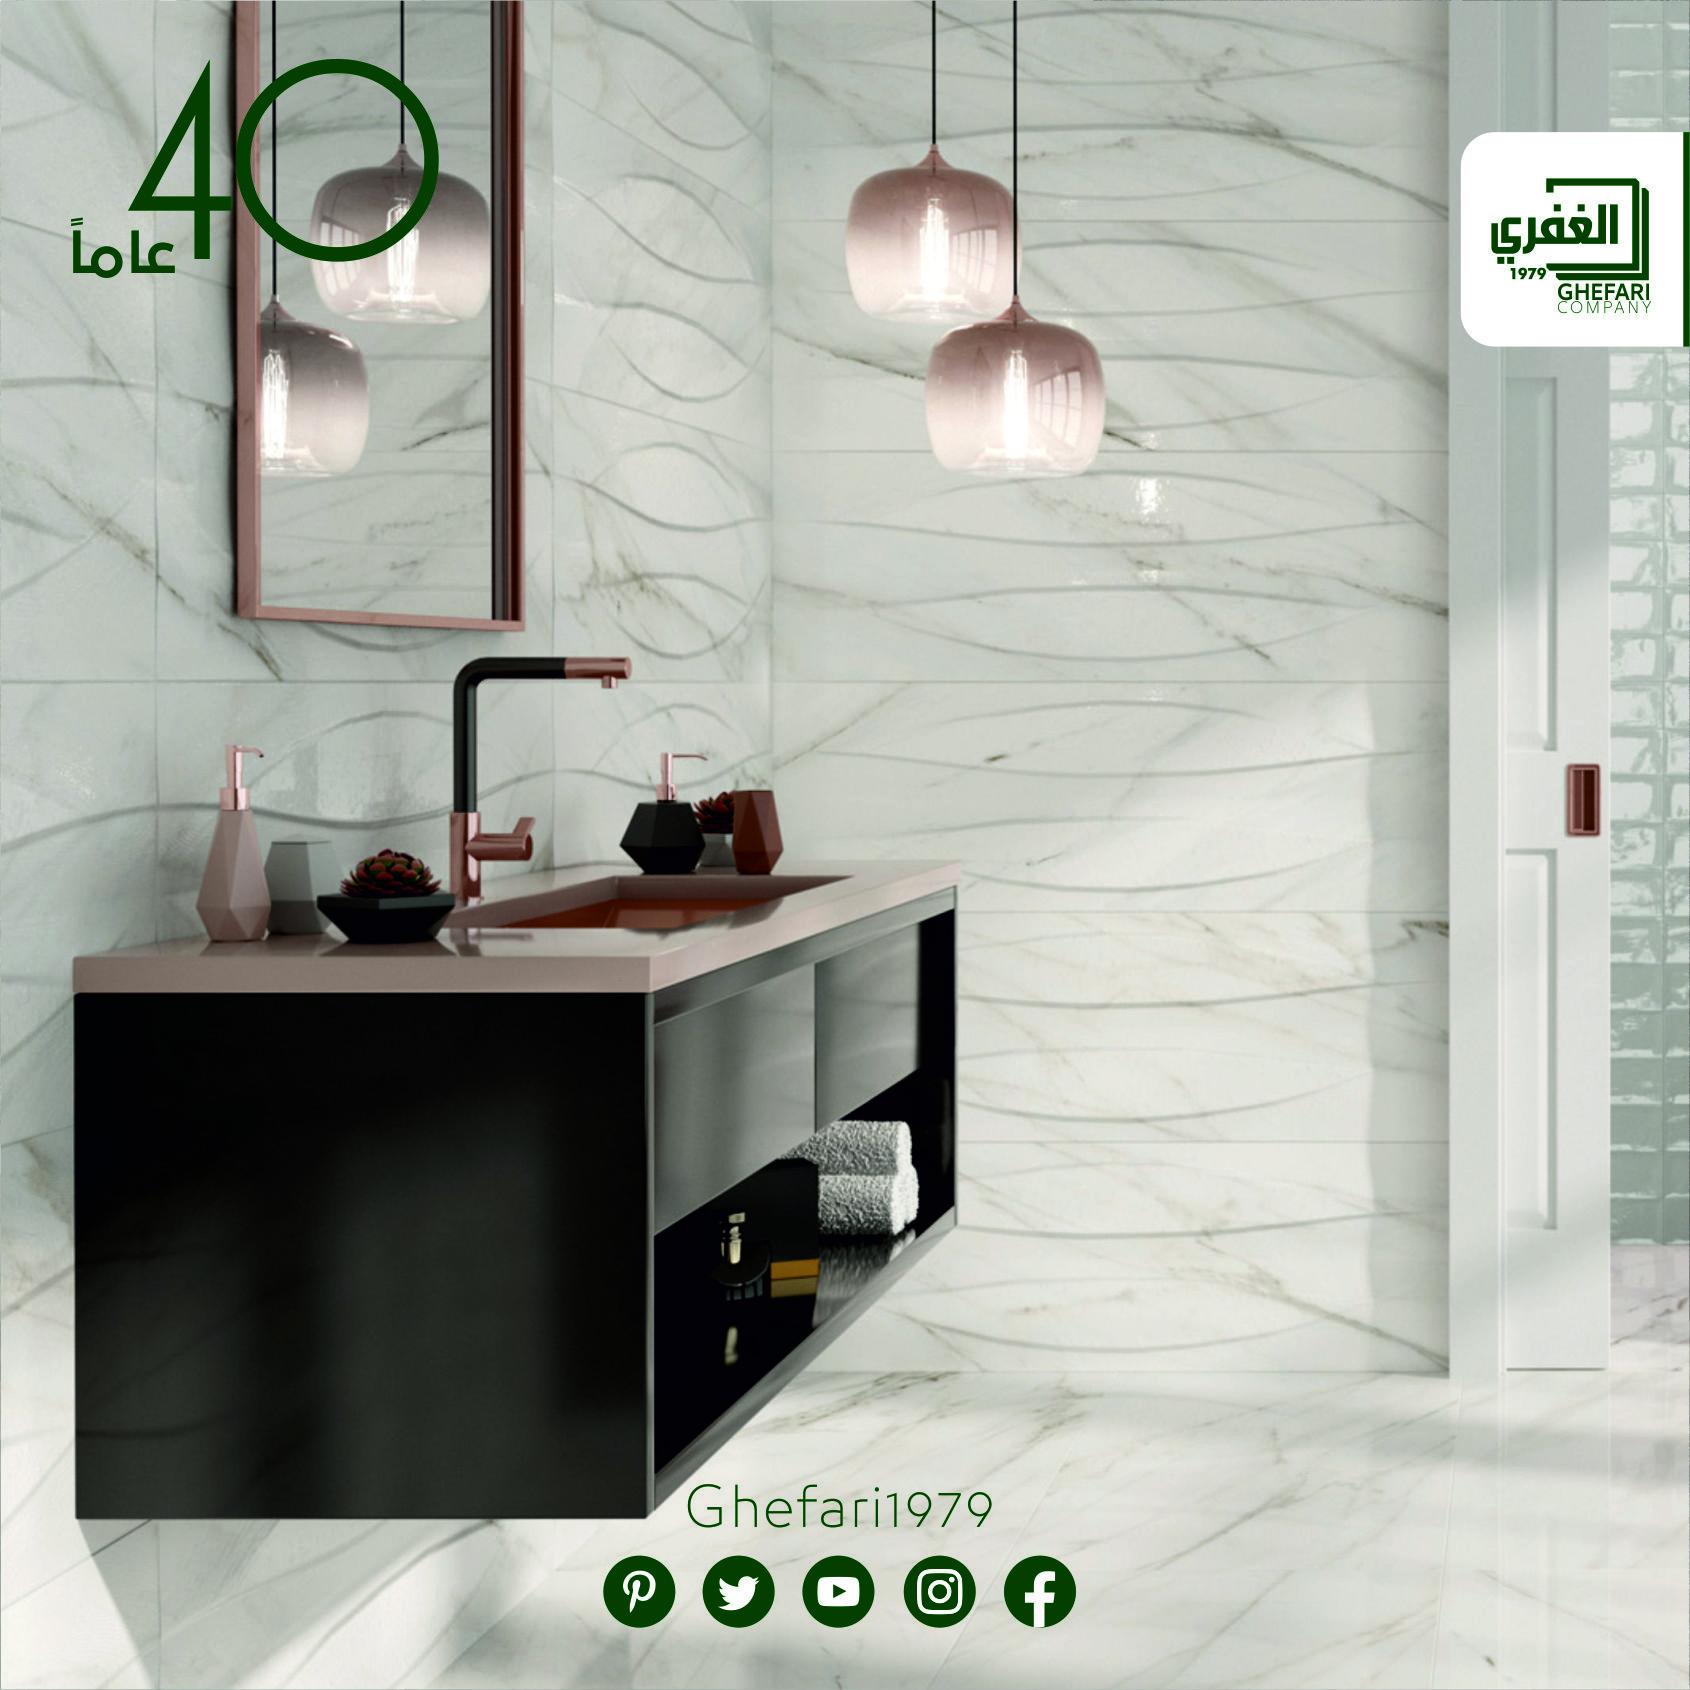 بورسيلان اسباني للمزيد زورونا على موقع الشركة Www Ghefari Com الرقم المجاني 1700 25 26 27 المعرض الرئيسي Round Mirror Bathroom Home Decor Bathroom Mirror